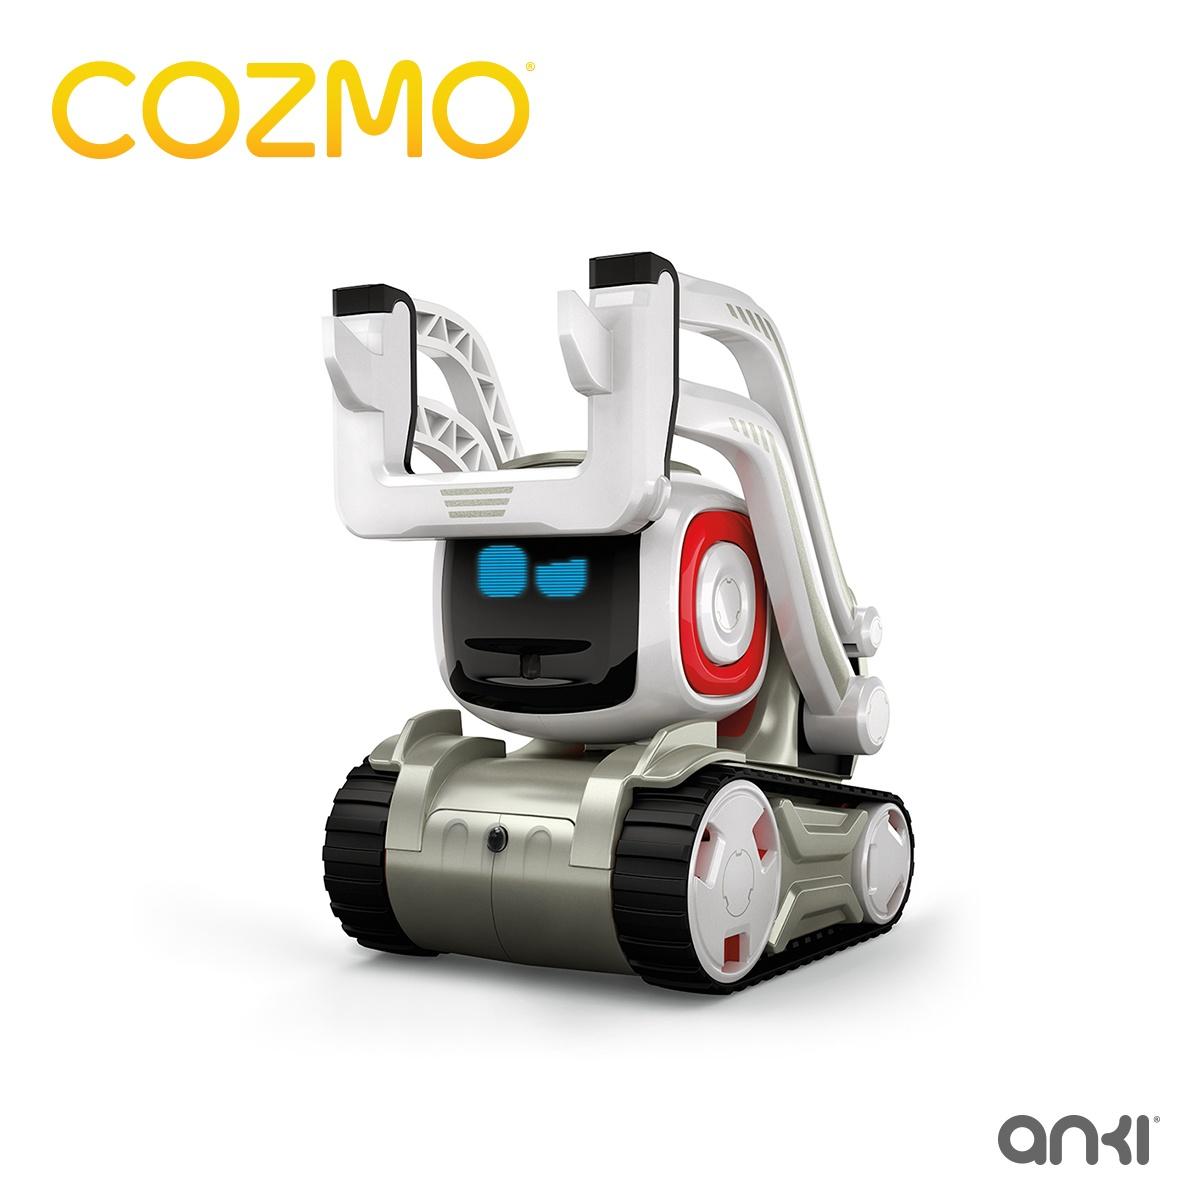 cozmo_lift-up.jpg